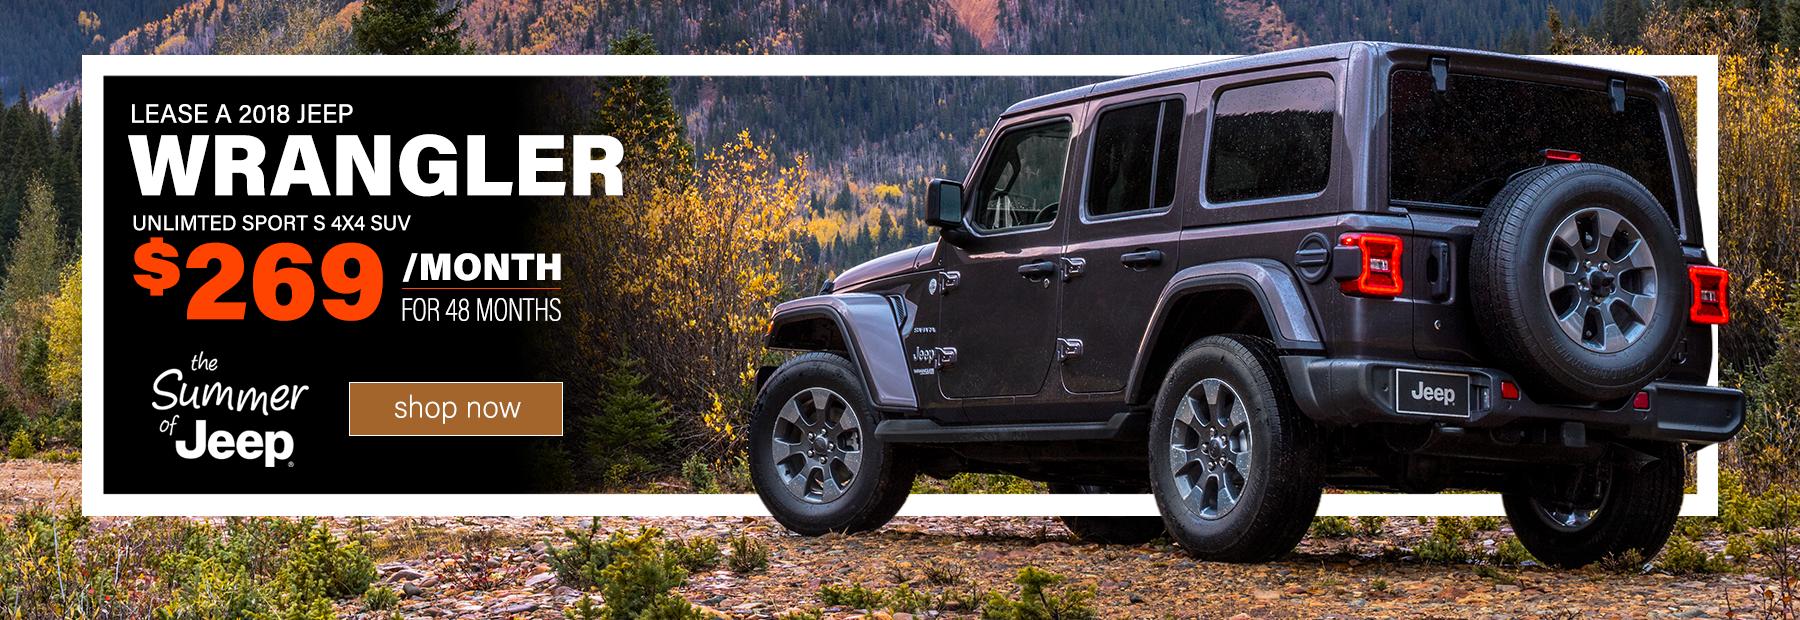 jeep-wrangler-lease-dayton-ohio